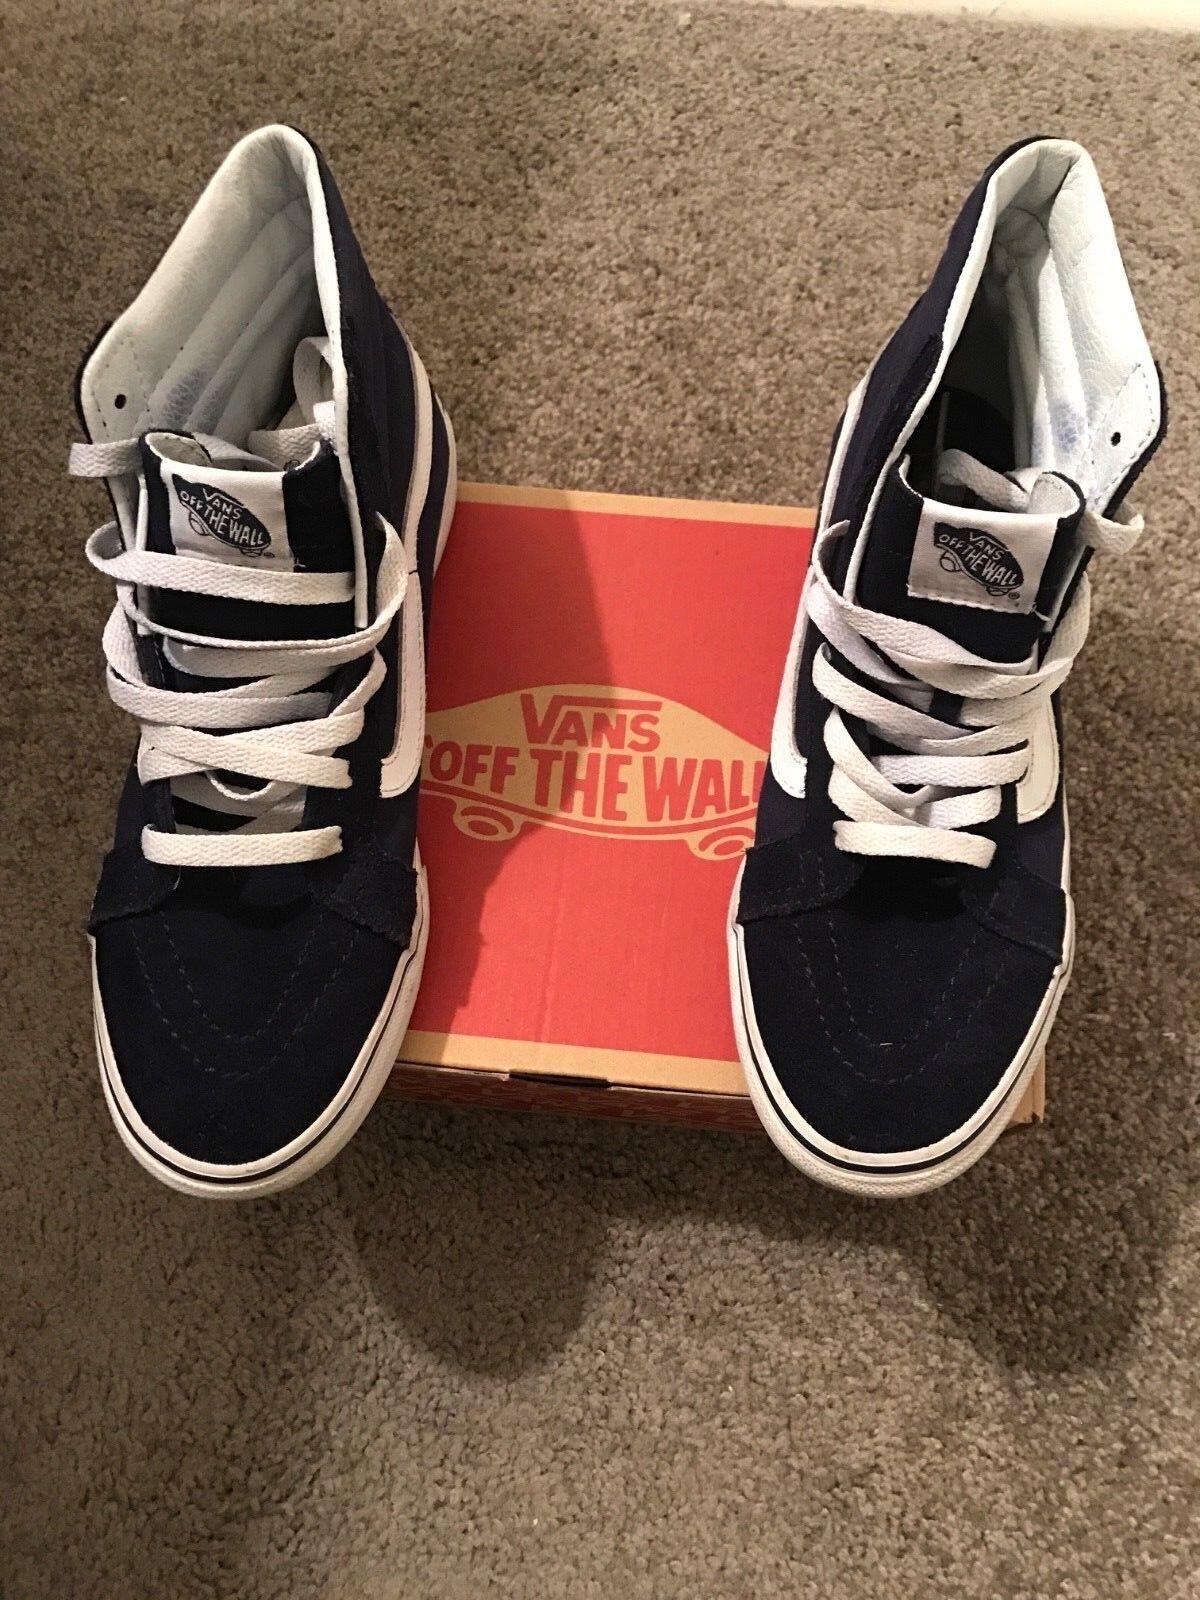 Zapatillas Tenis Zapatos  Vans Negro Con Con Con blancoo Tira desgaste diario Envío Gratuito  Mejor precio